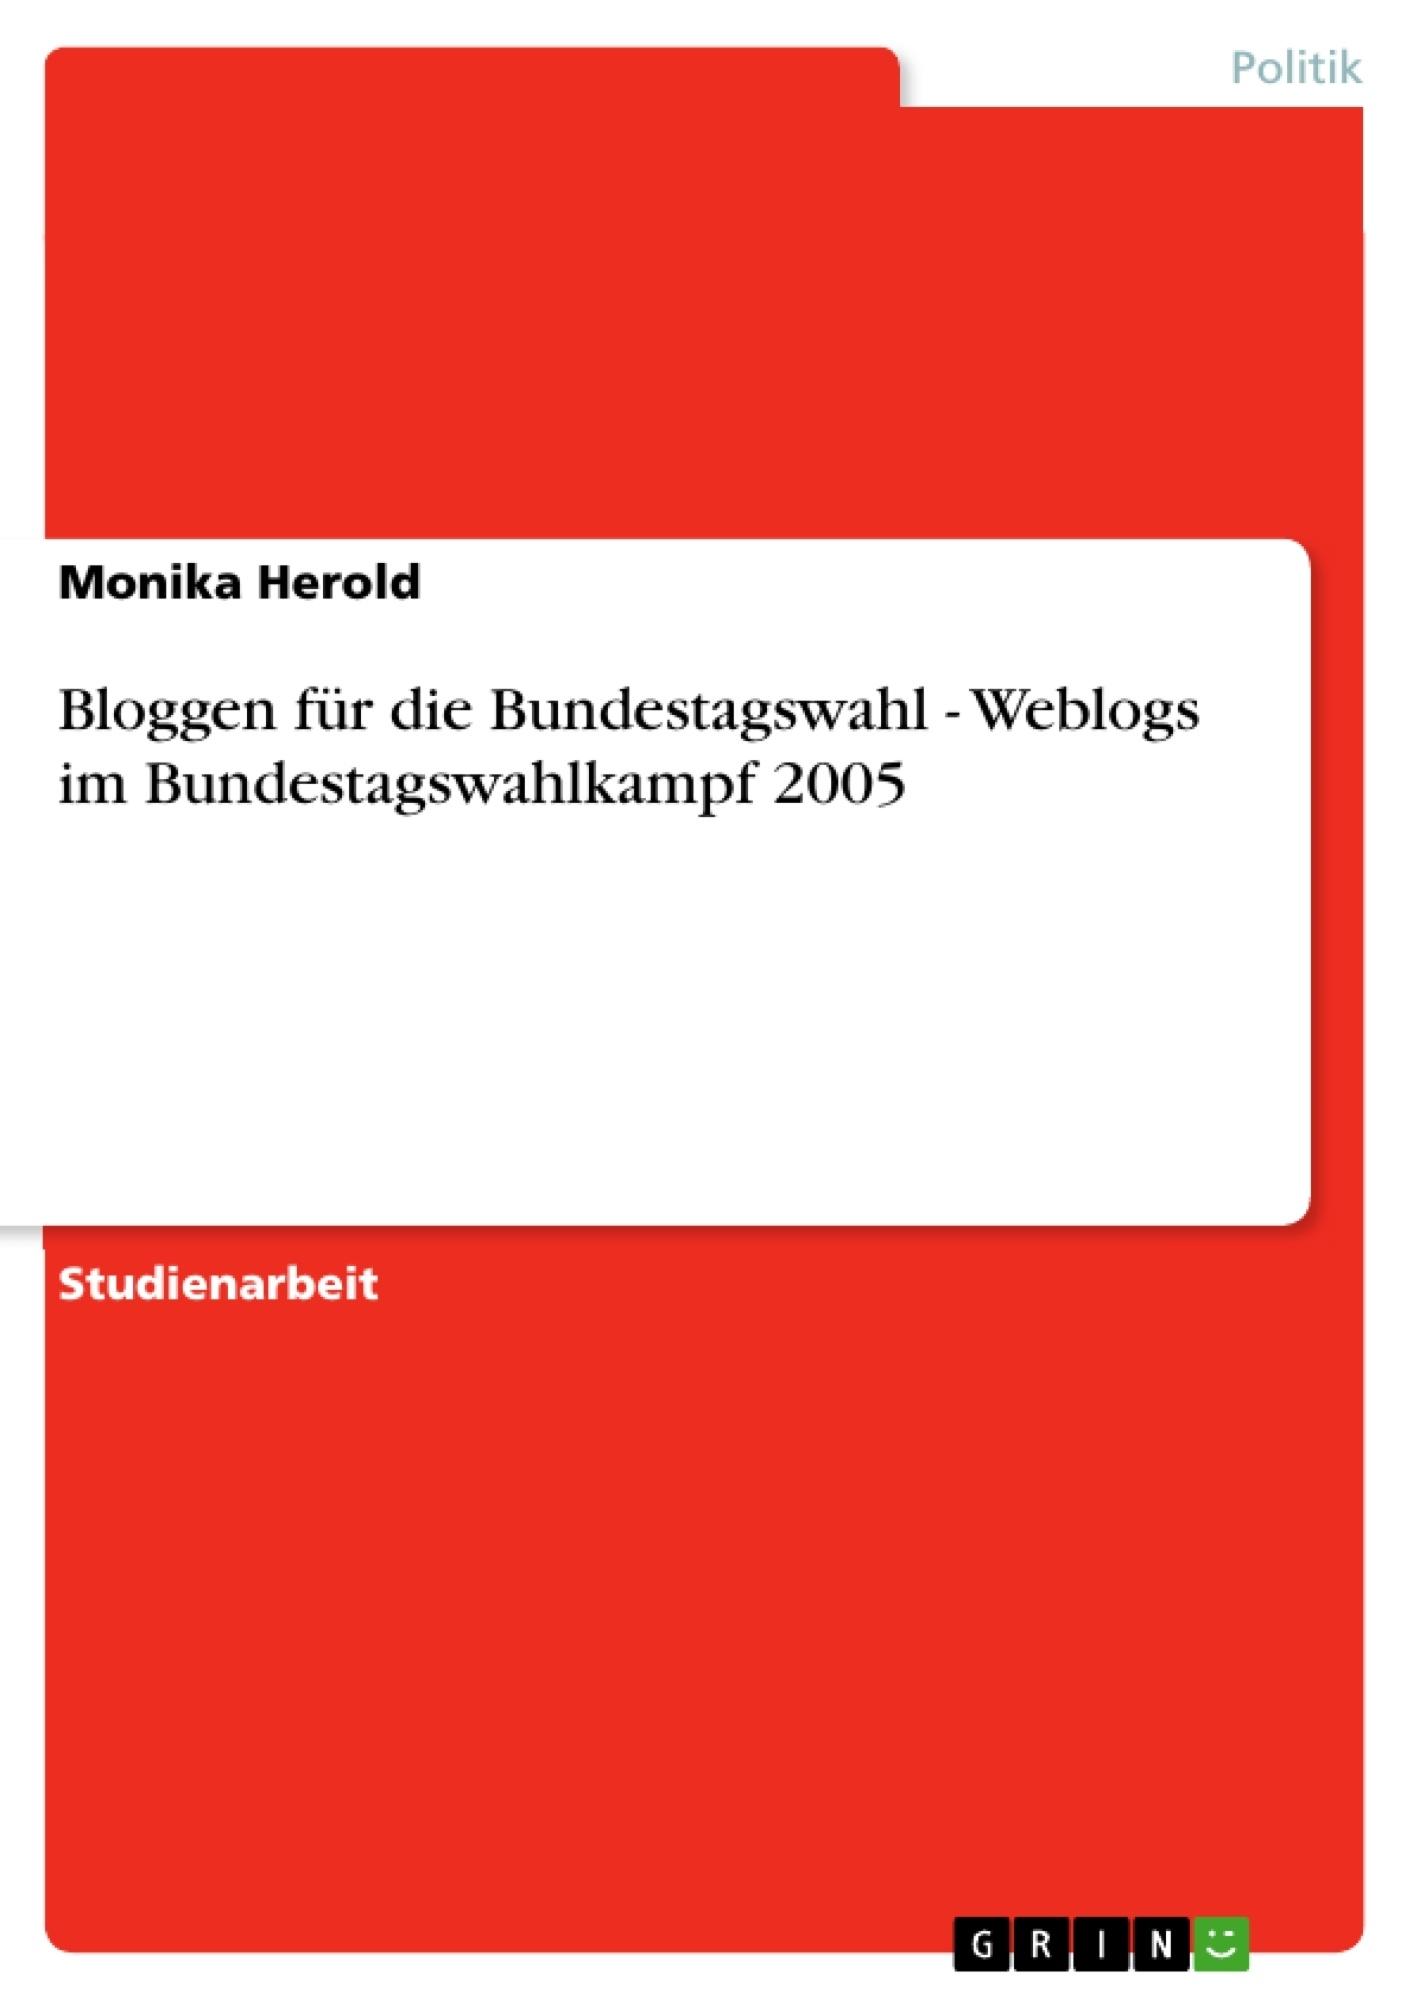 Titel: Bloggen für die Bundestagswahl - Weblogs im Bundestagswahlkampf 2005